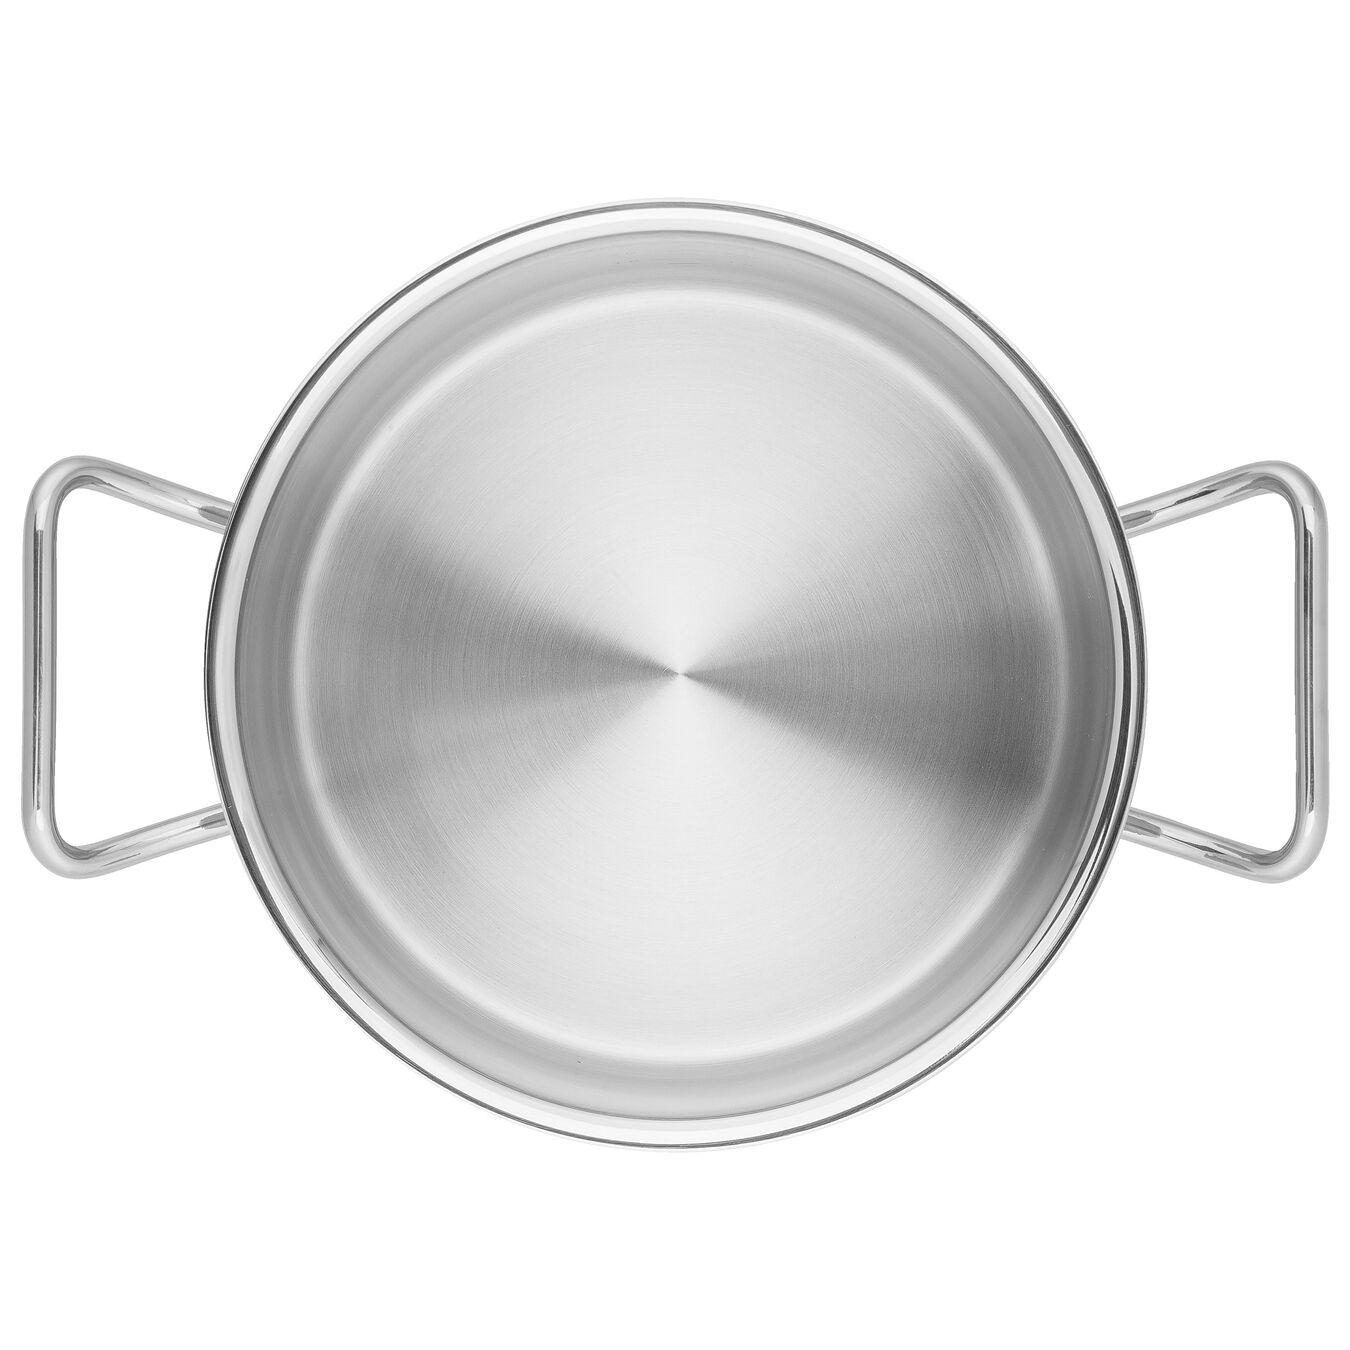 Suppegryde 16 cm, 18/10 rustfrit stål,,large 6